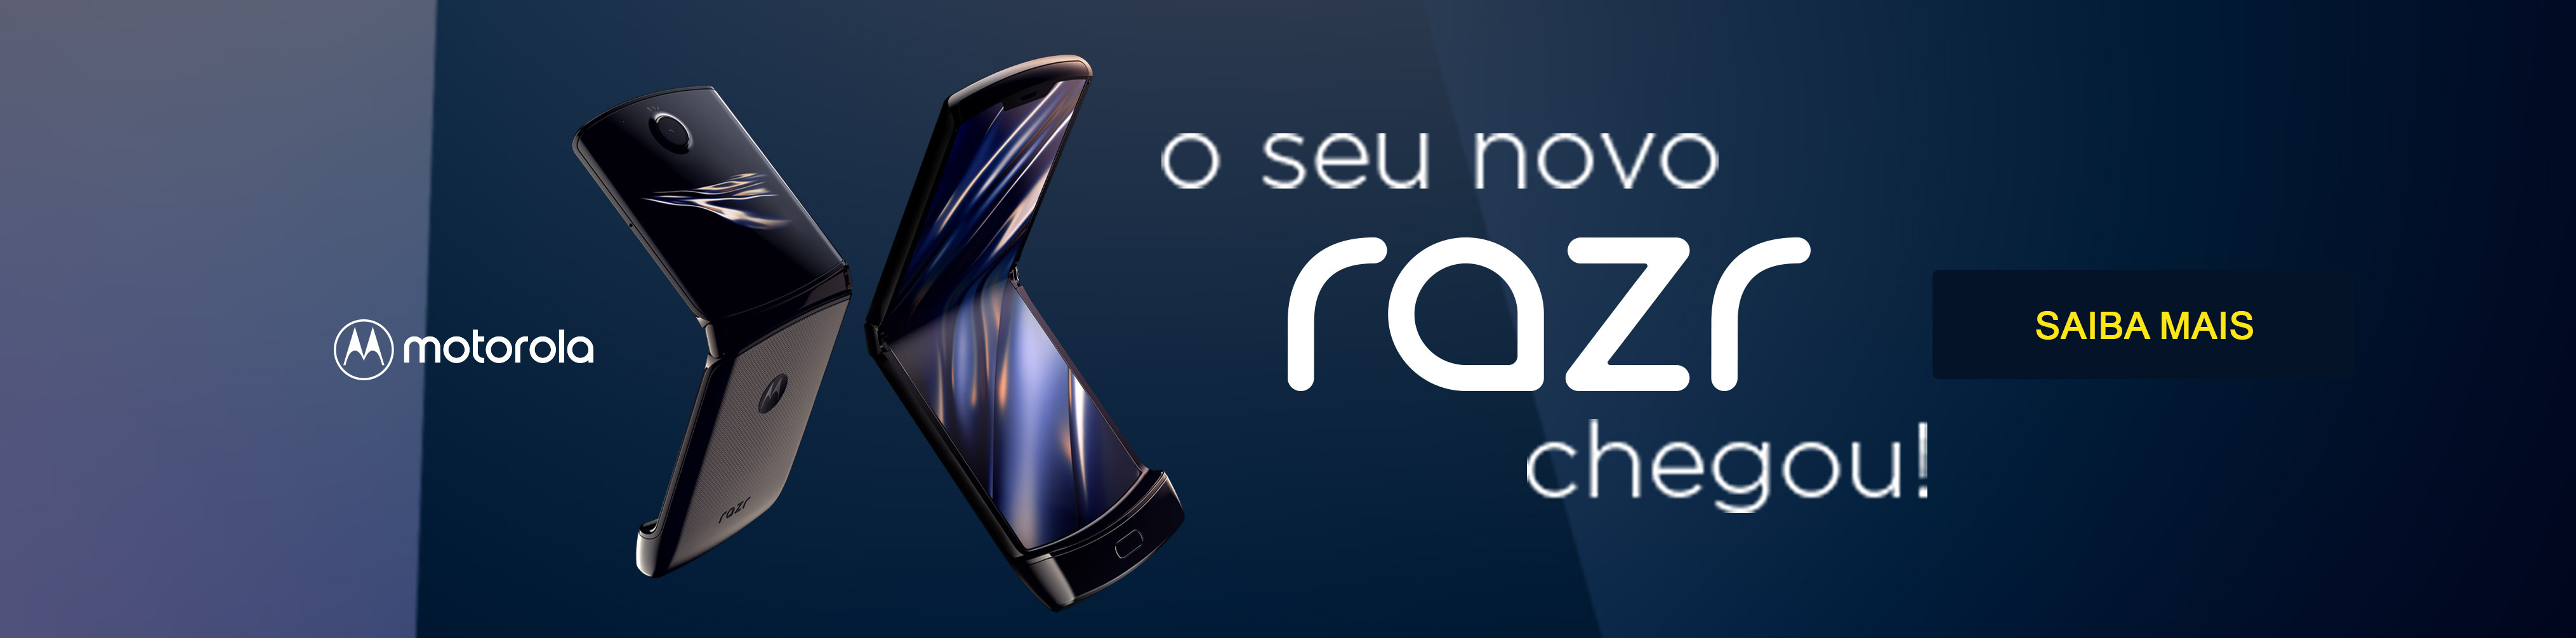 /RAZR